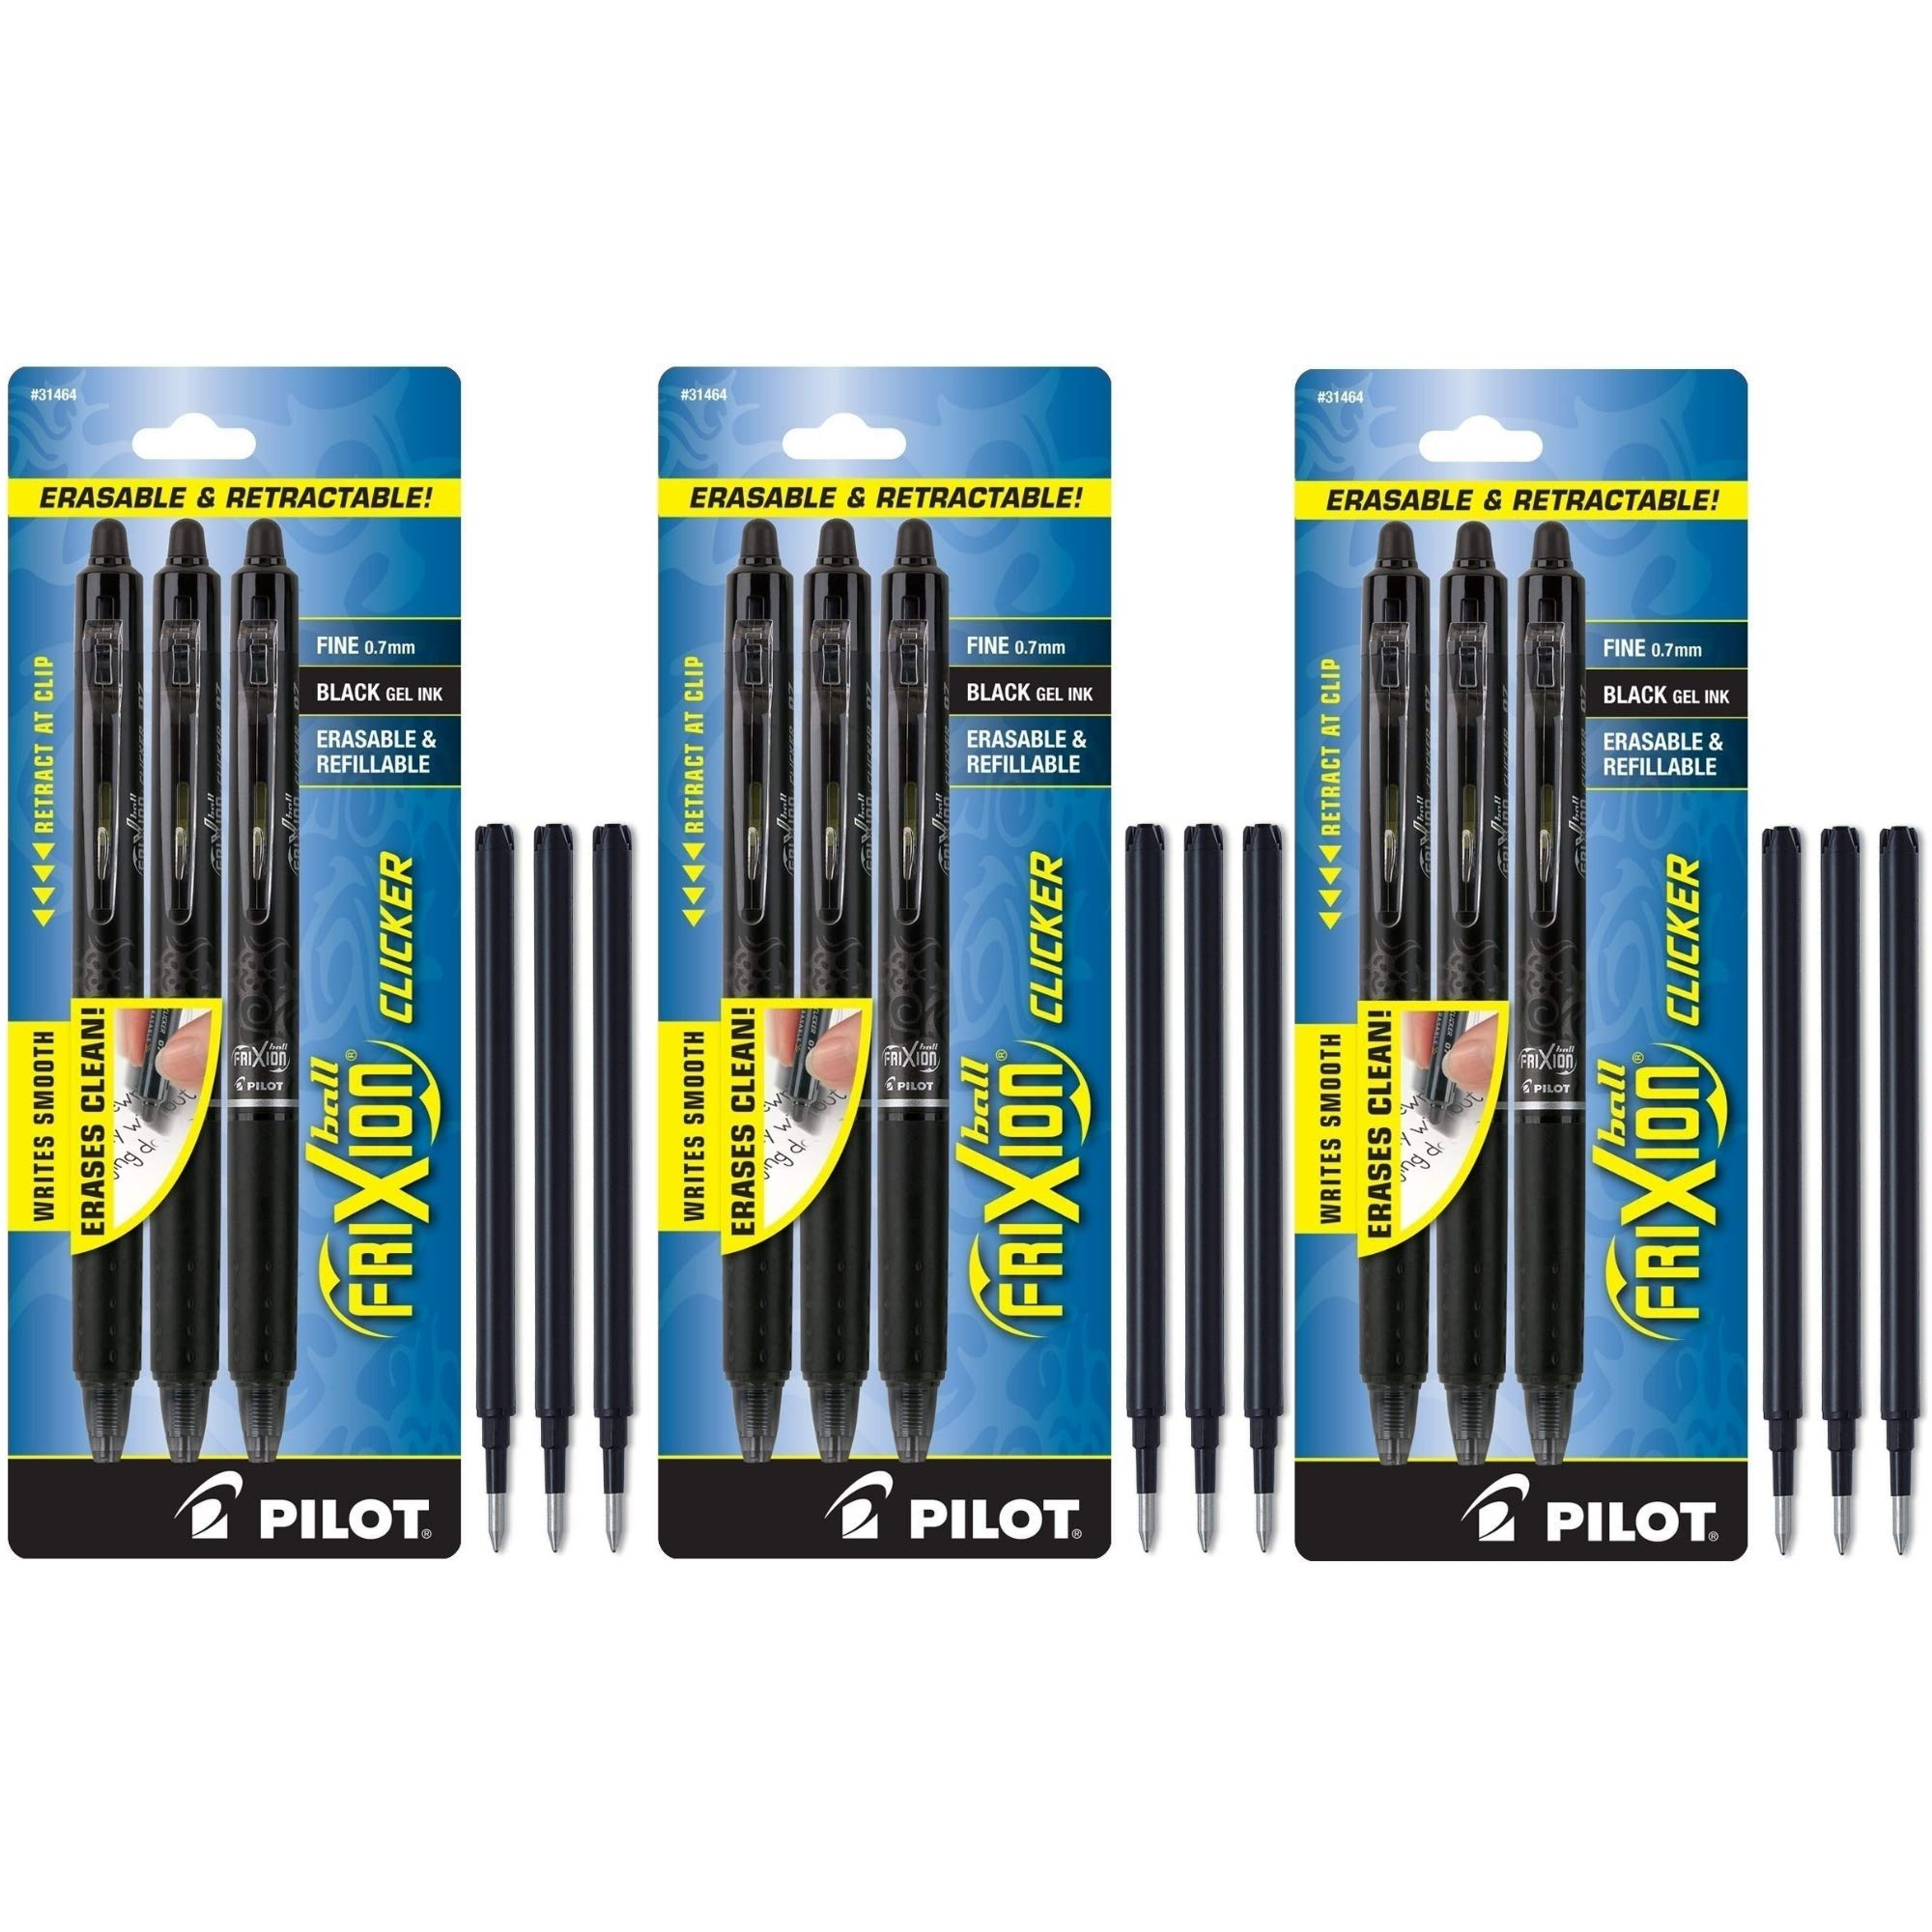 Pilot FriXion Clicker Retractable Erasable Gel Pens, Fine Point, Blue Ink, 2-Pack (31461) (9-Pack/Bundle, Black)